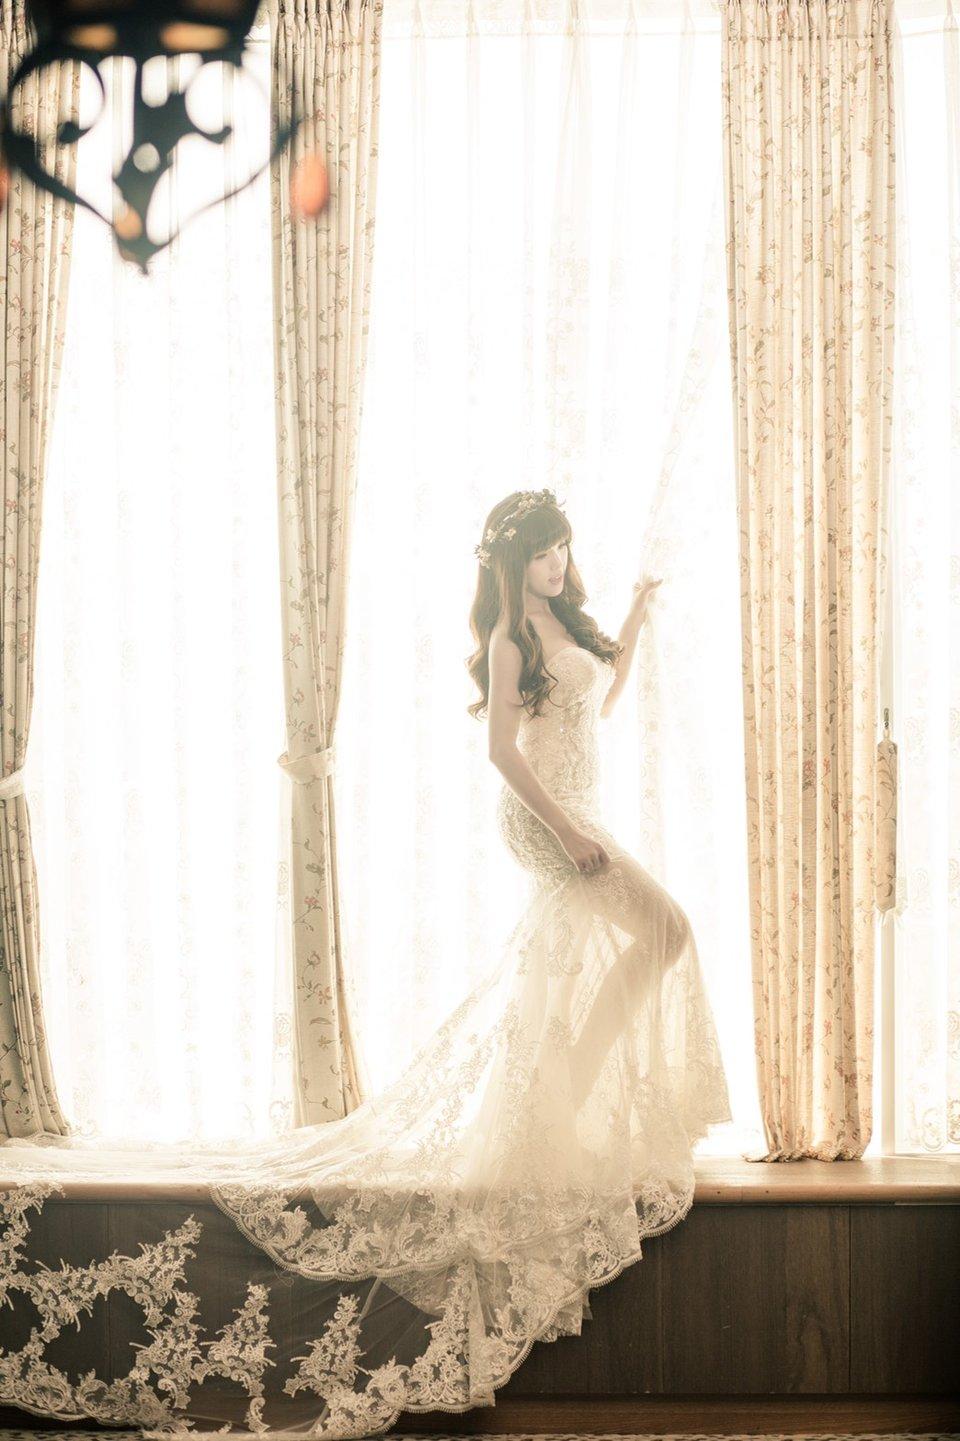 台北法國巴黎婚紗,法國巴黎婚紗-婚紗拍攝